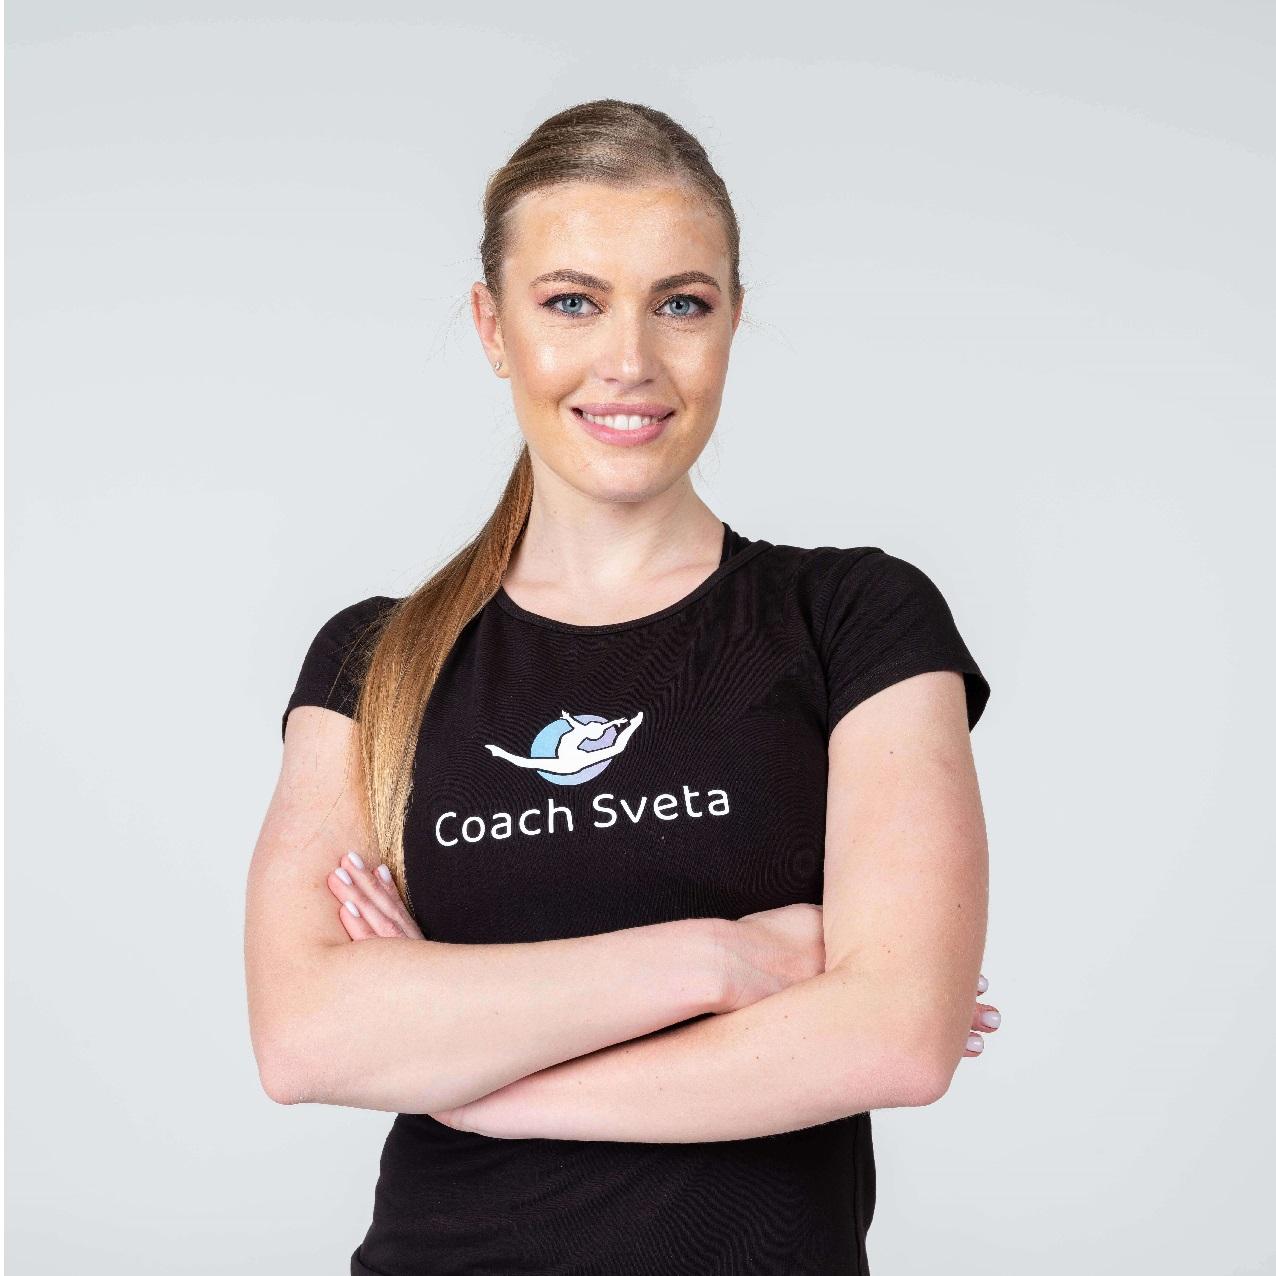 https://www.flyhighfitness.org/iw-teacher/sveta-rhythmic-gymnastics-head-coach/